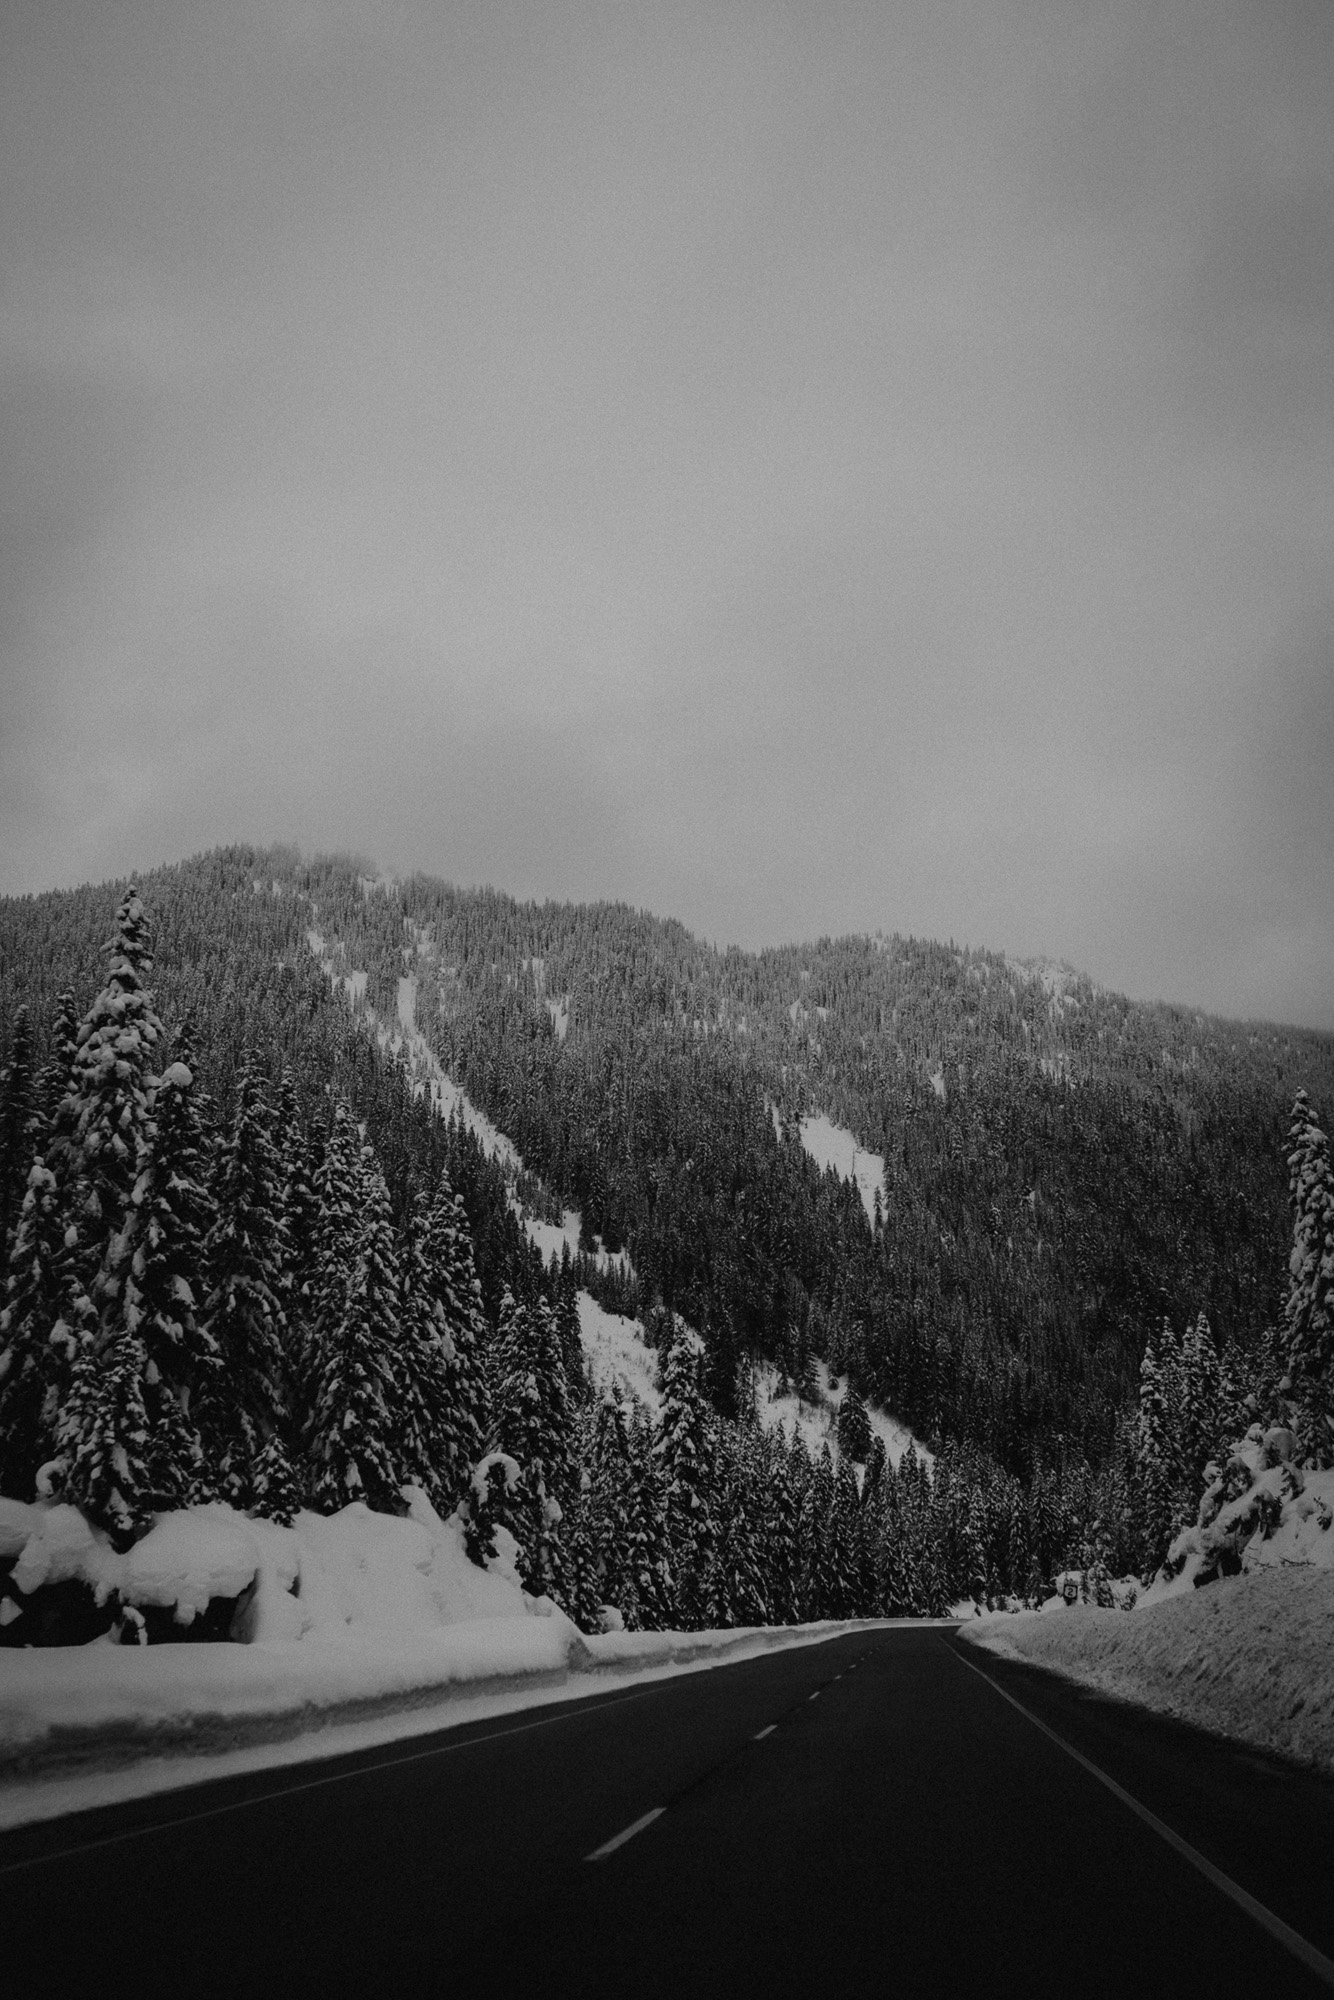 Stephen's Pass Mountain Resort Skykomish Washington KyleWillisPhoto